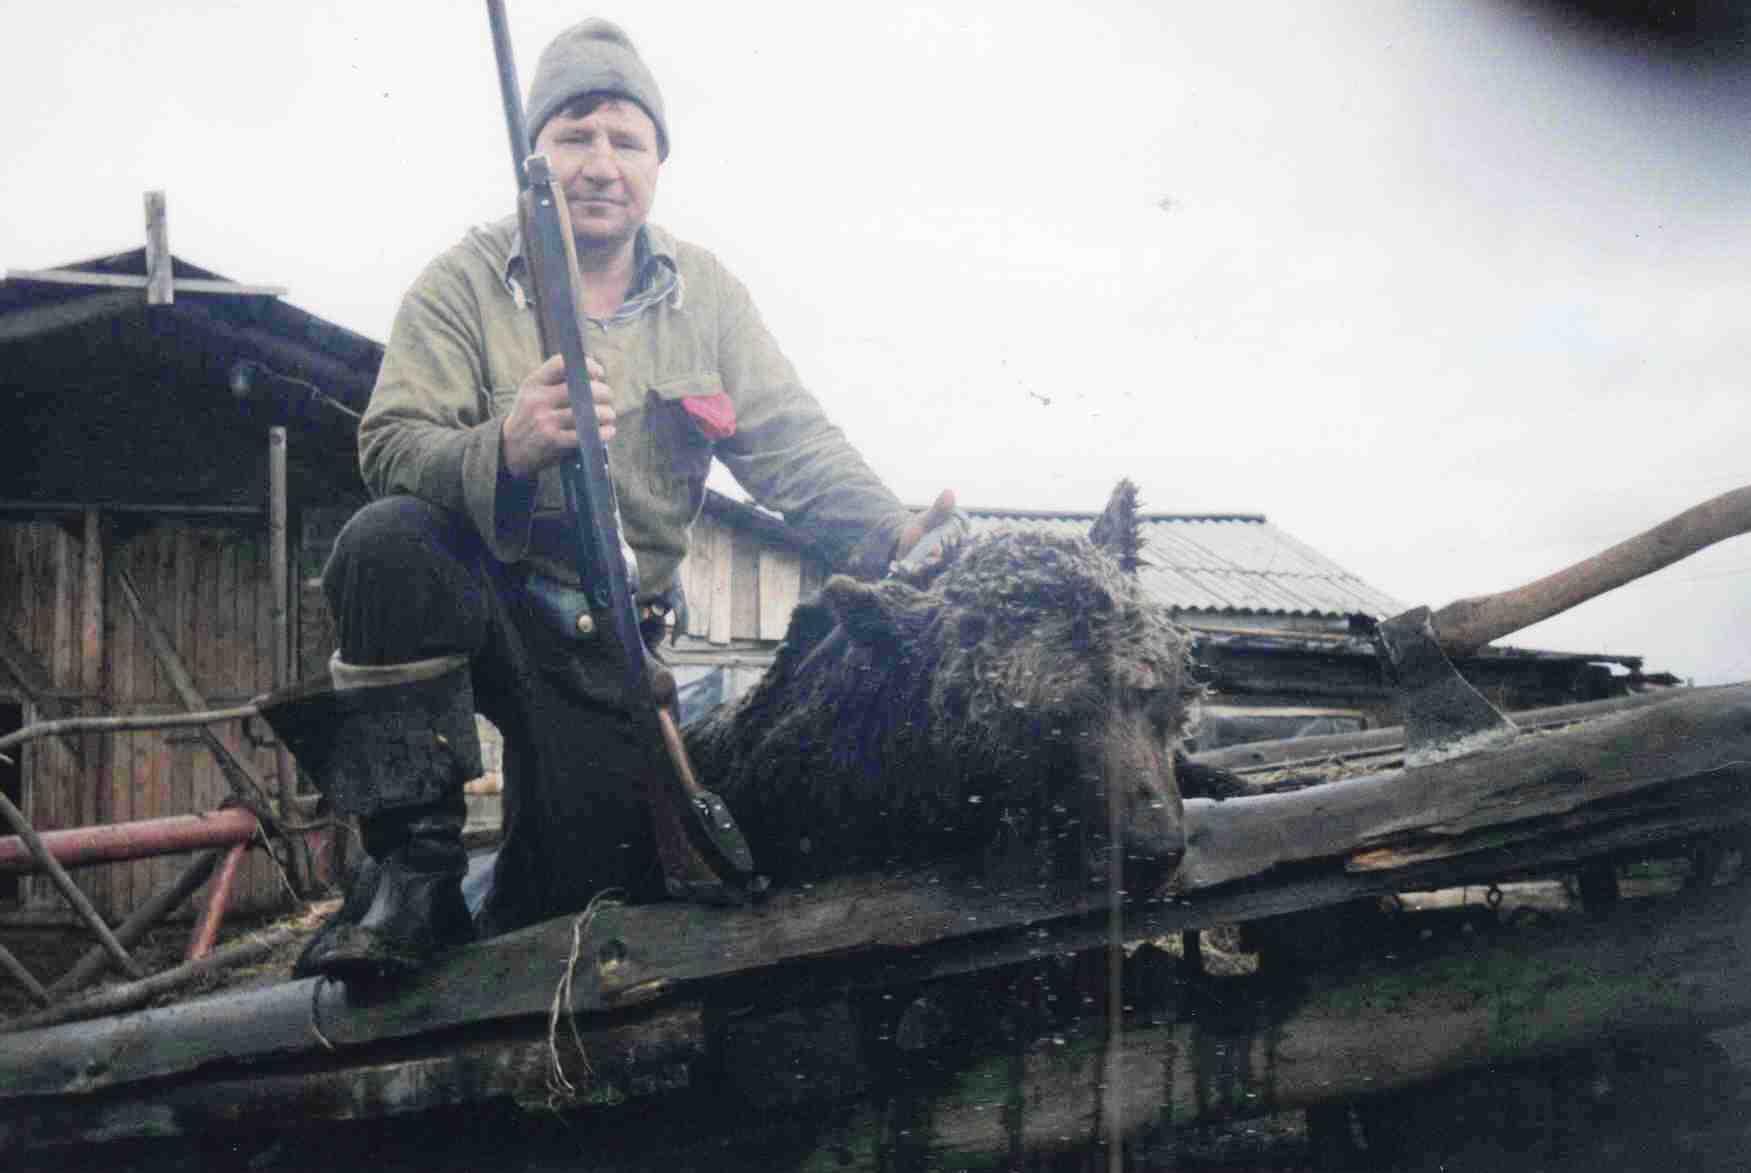 1998 год, Доника А.Д., д. Берег, медведь убит из ружья, вес 250 кг, возраст 5 лет, 30 литров медвежьего жира